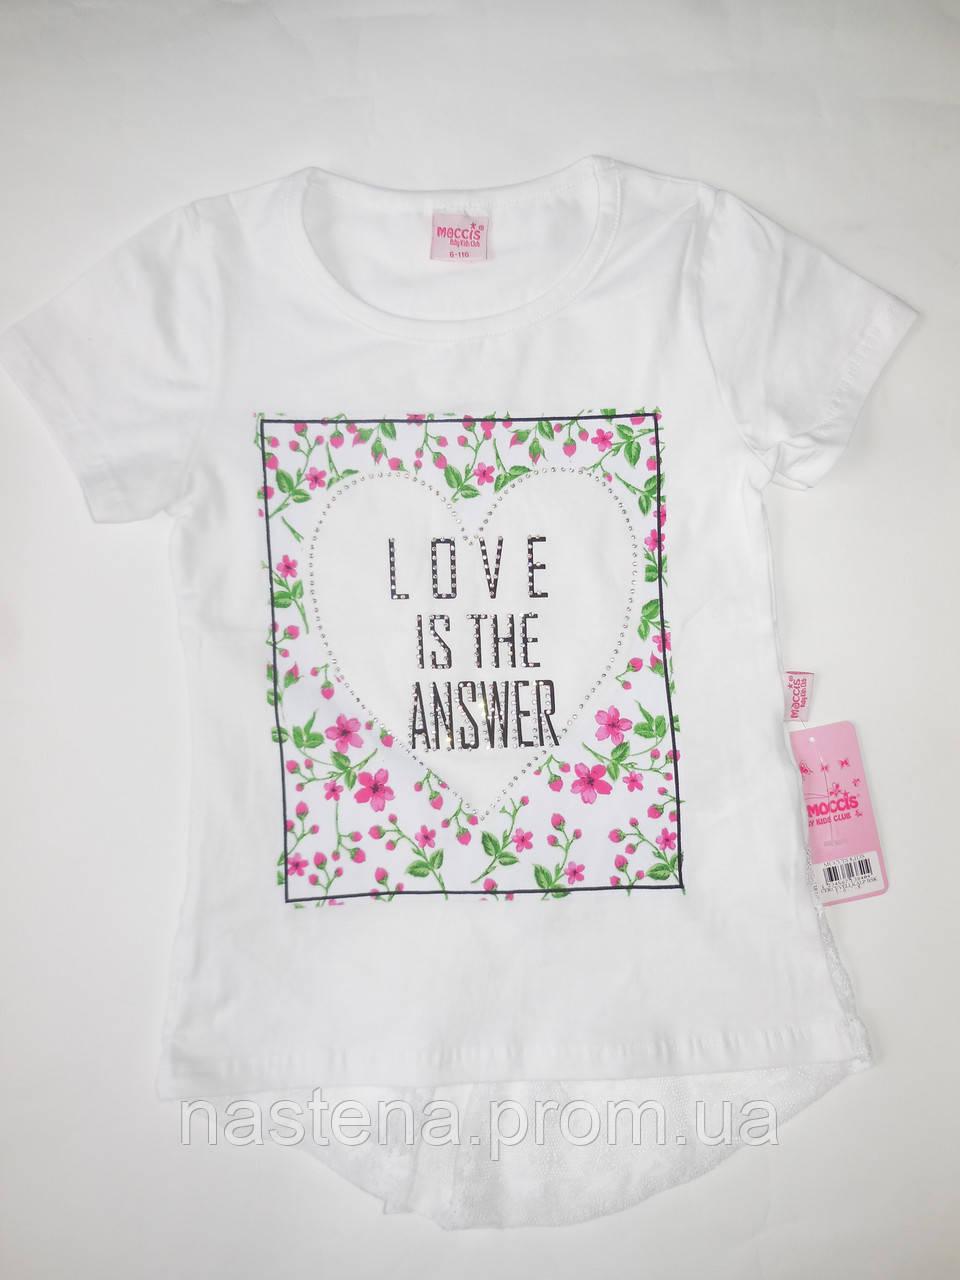 Белая детская футболка для девочек MOCCIS от 5 до 8 лет.